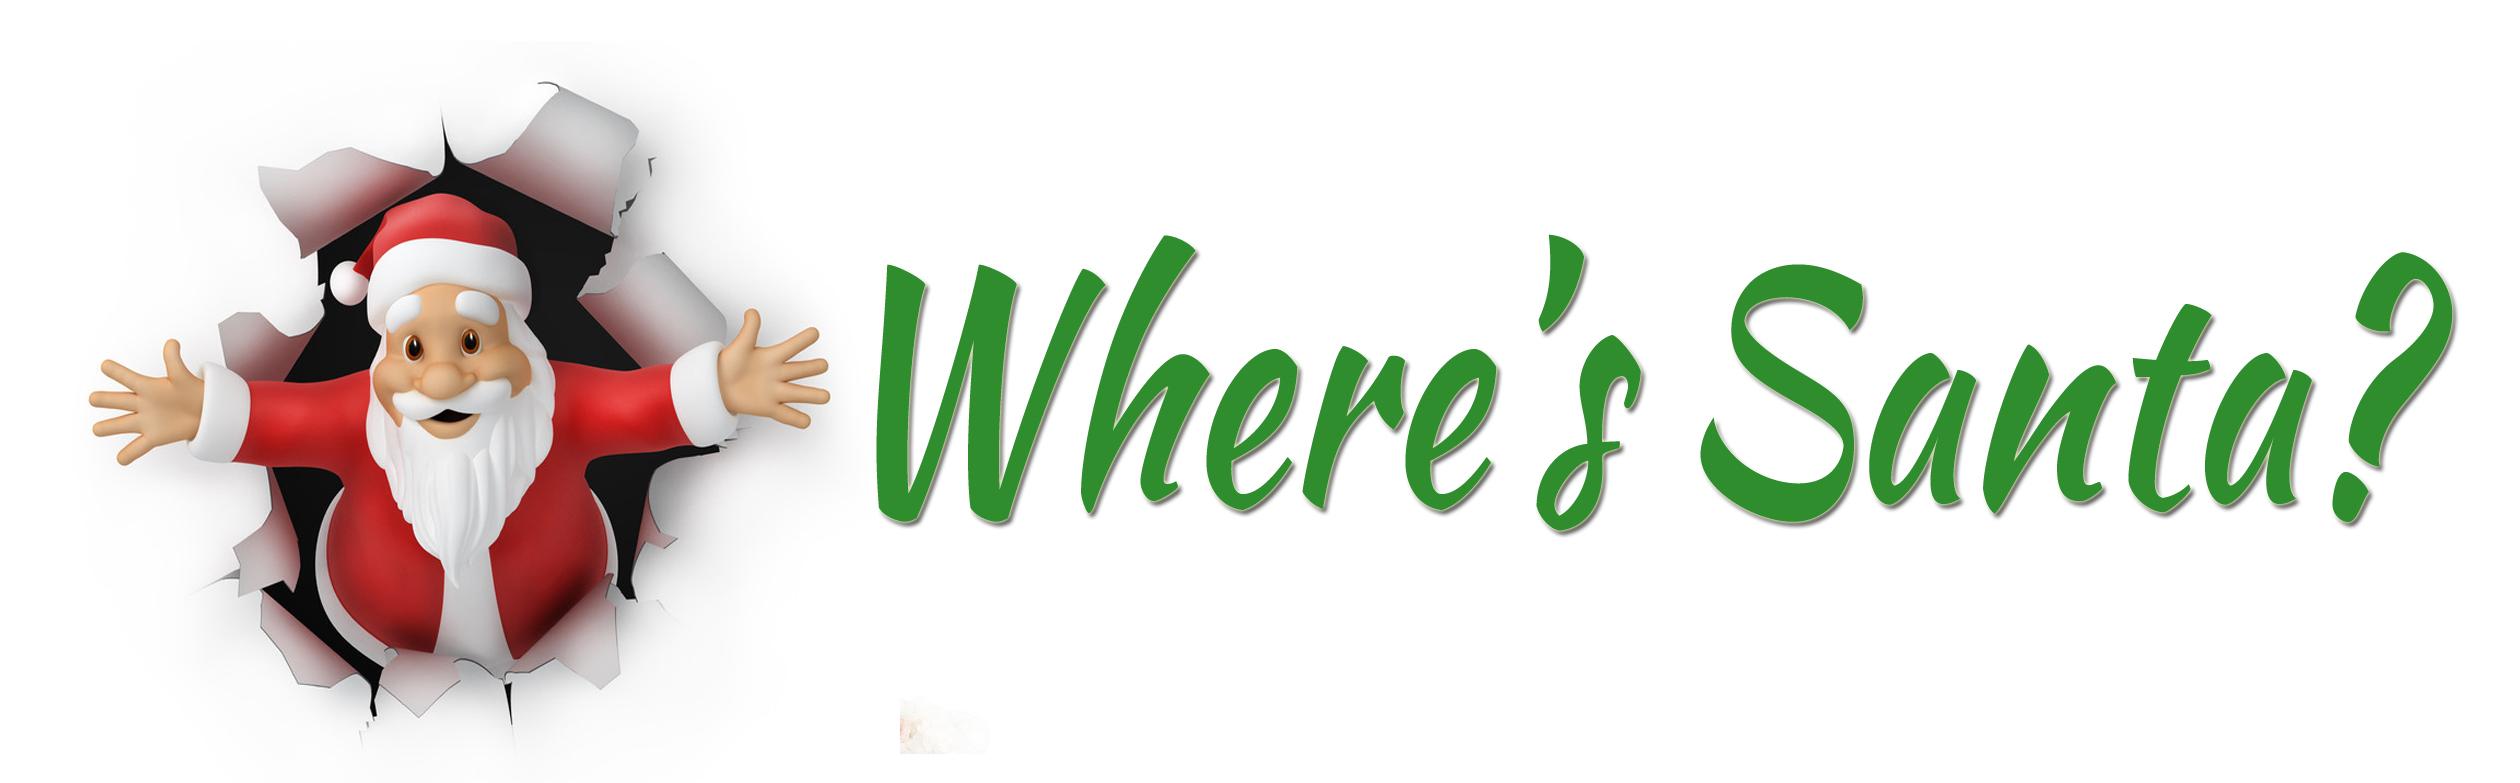 wheres-santa-banner.jpg